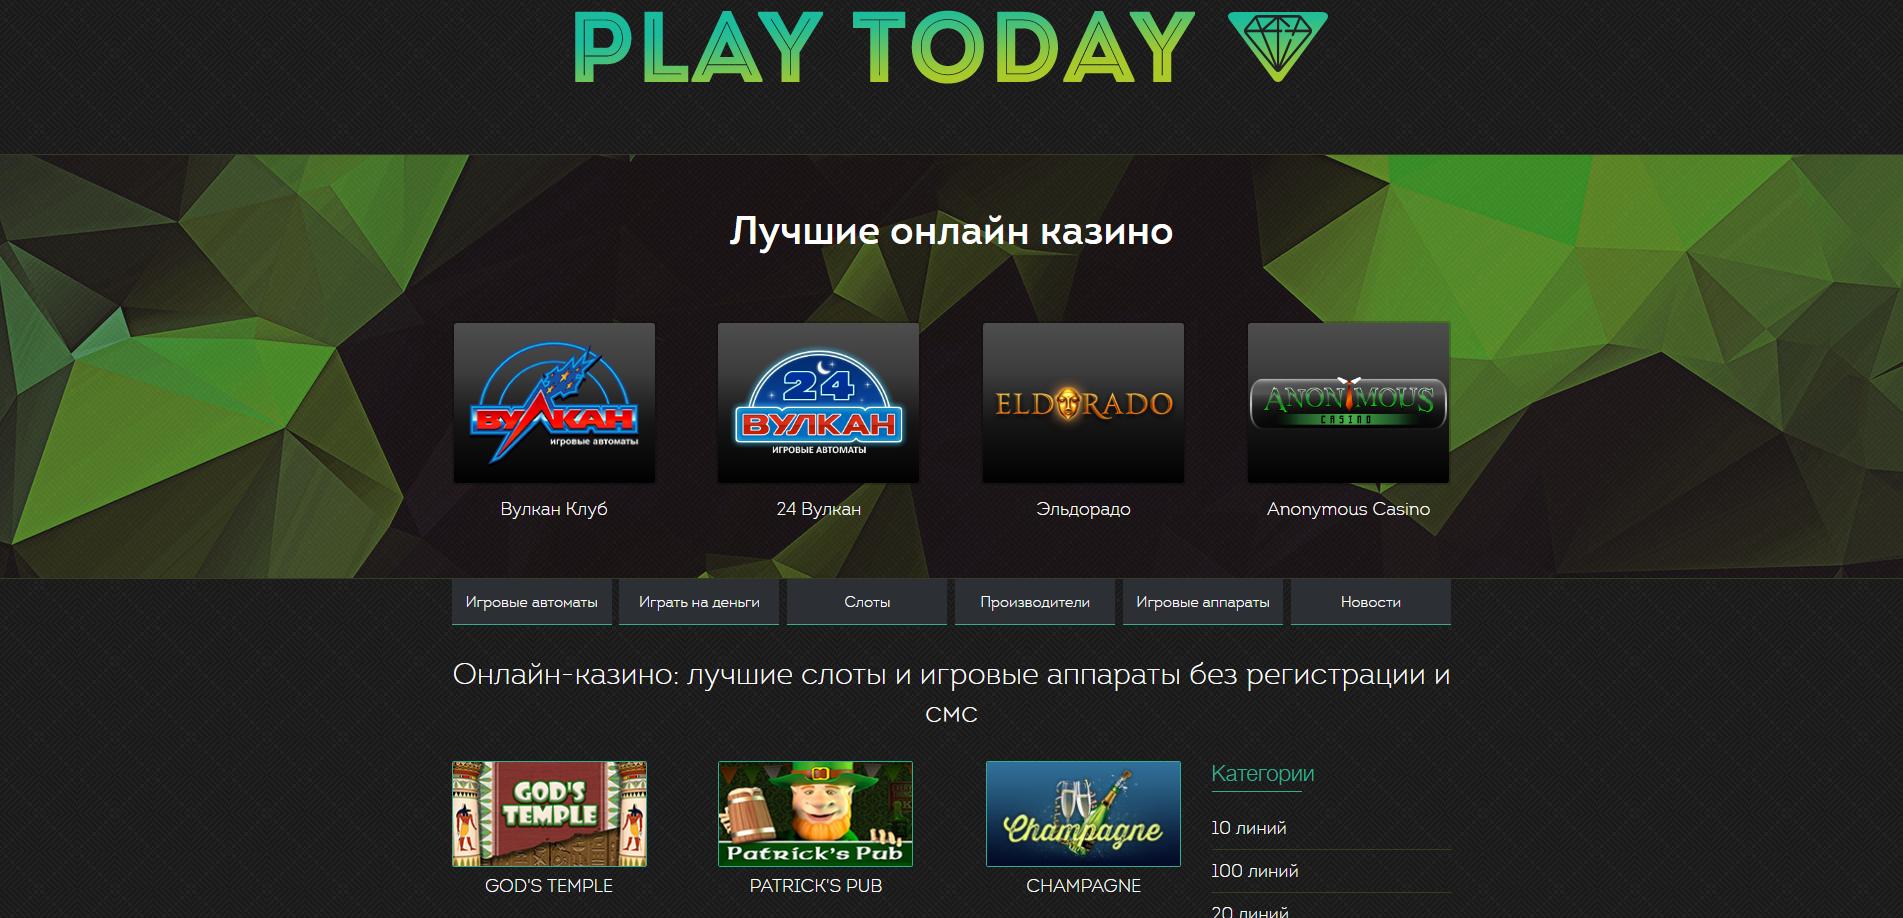 Игровые автоматы играть бесплатно и без регистрации демо режим